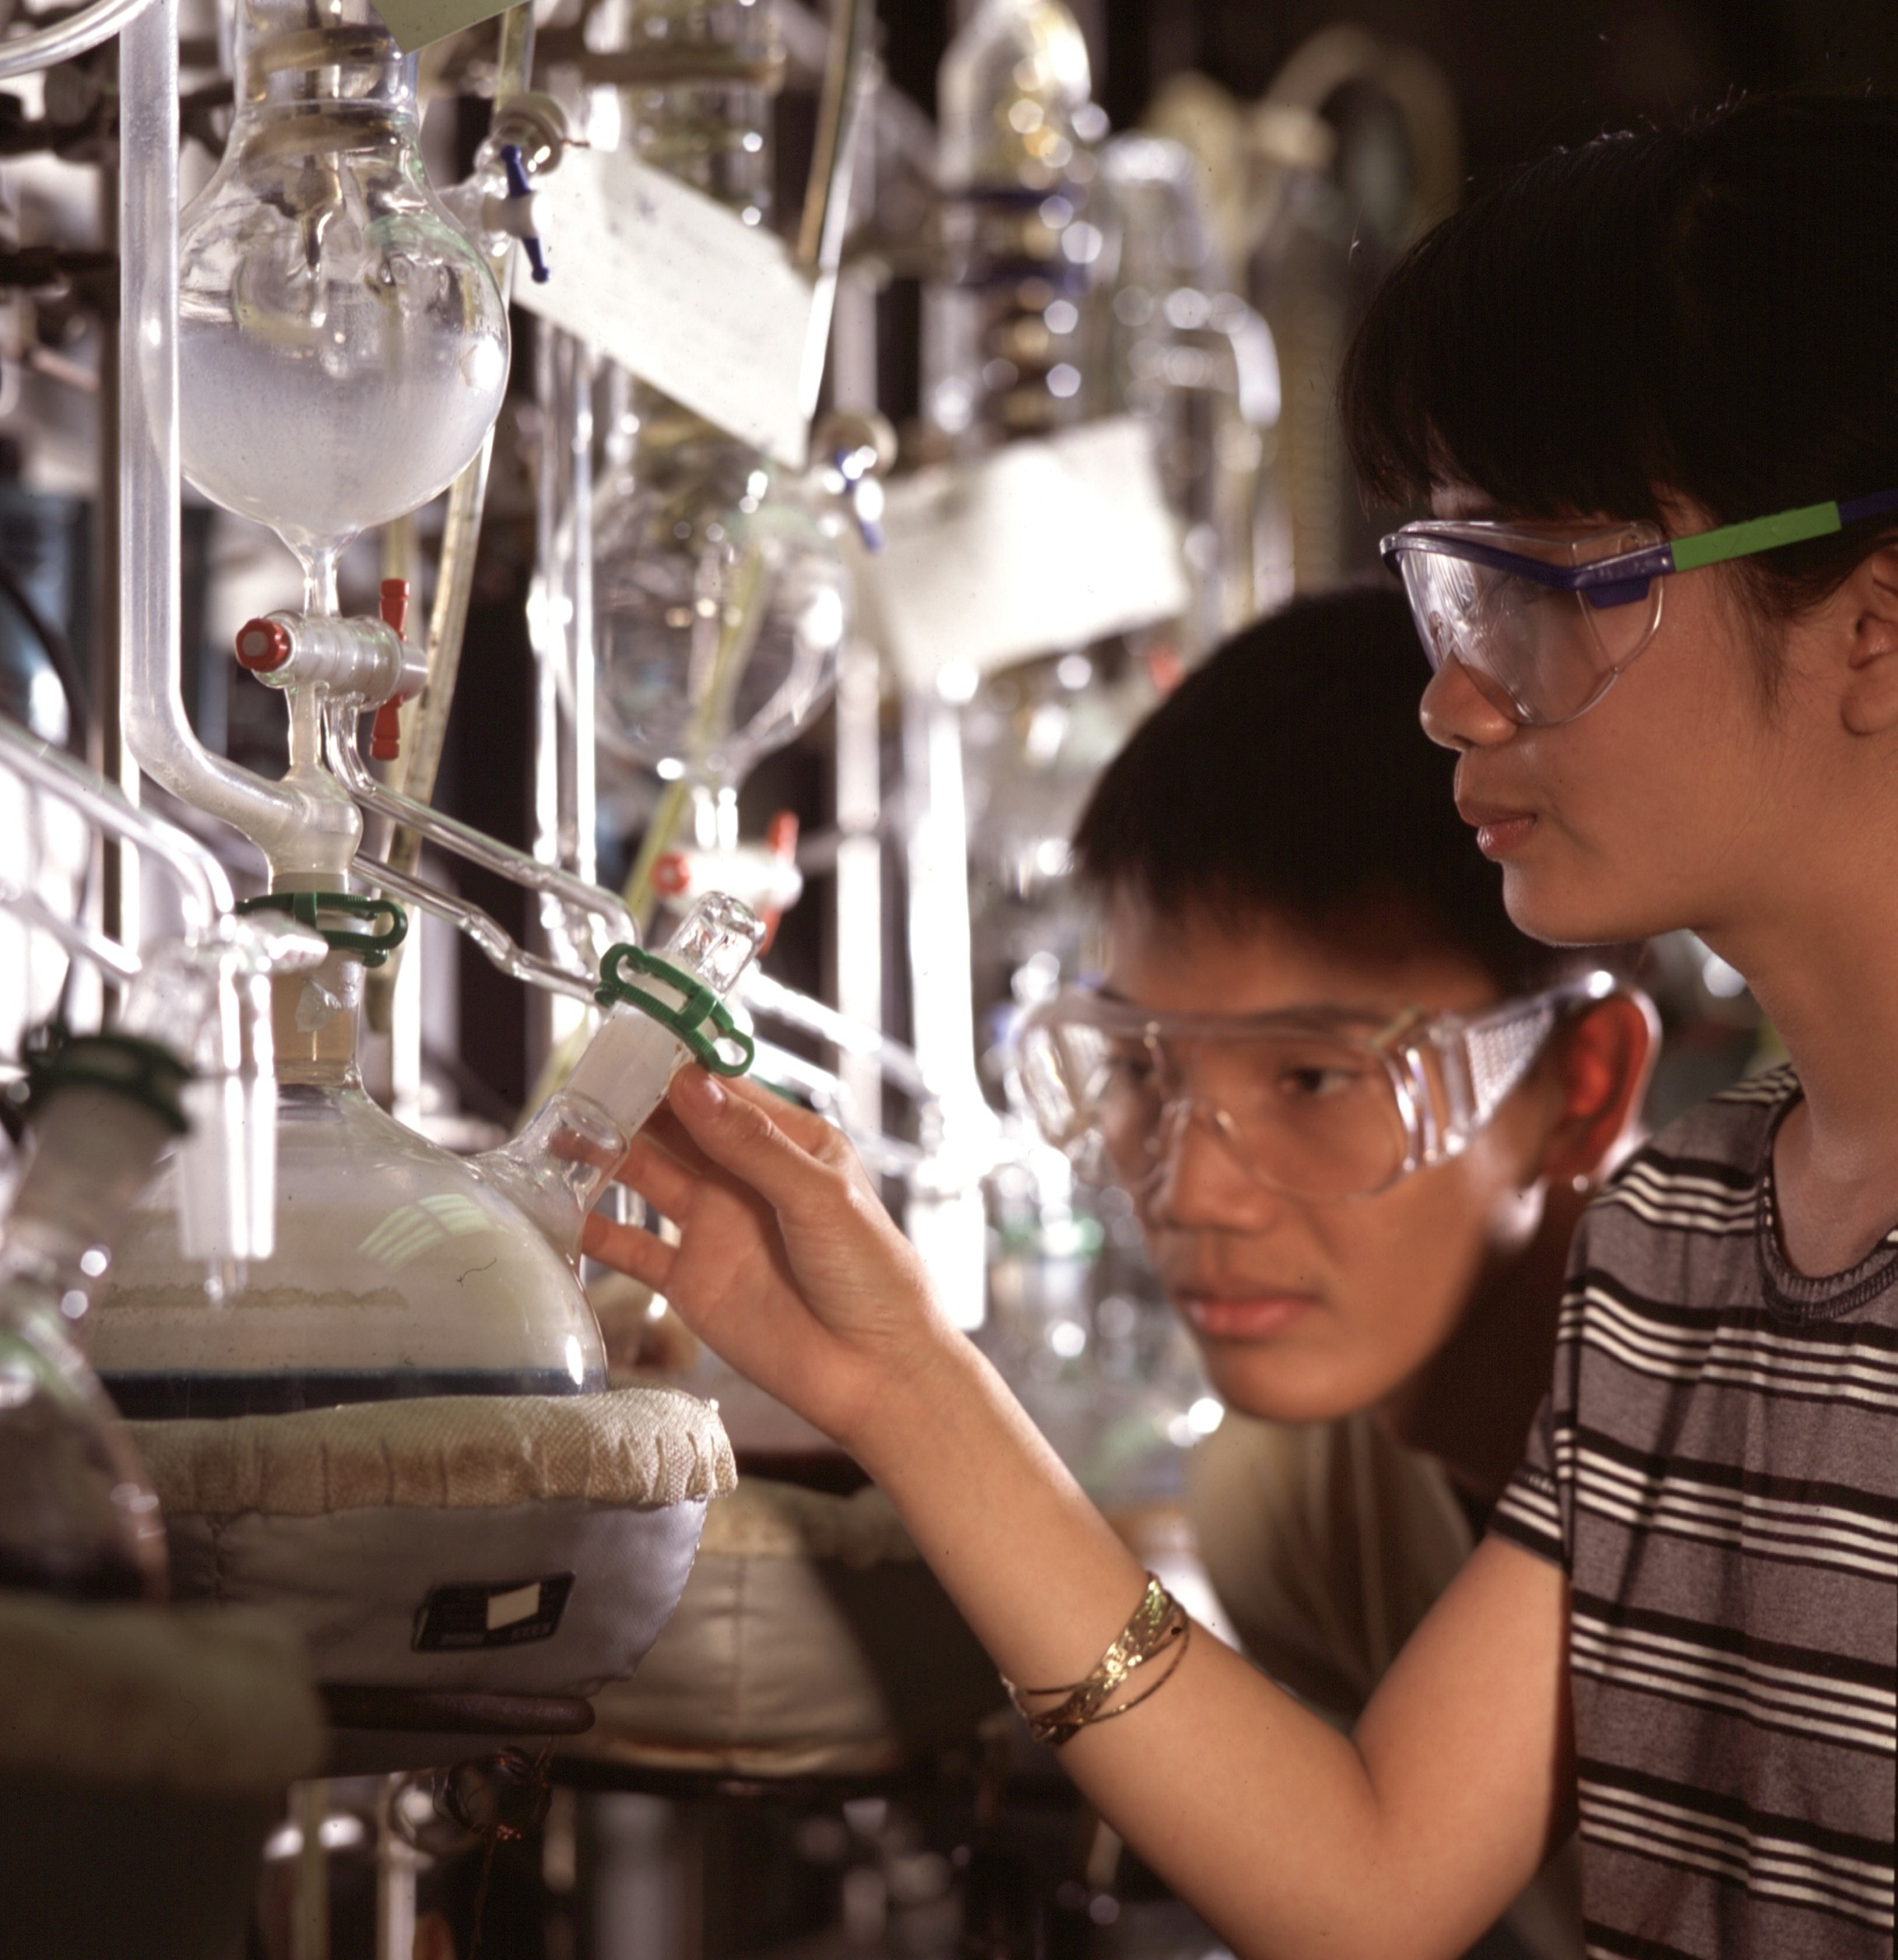 Chem-Lab-e1393614992266